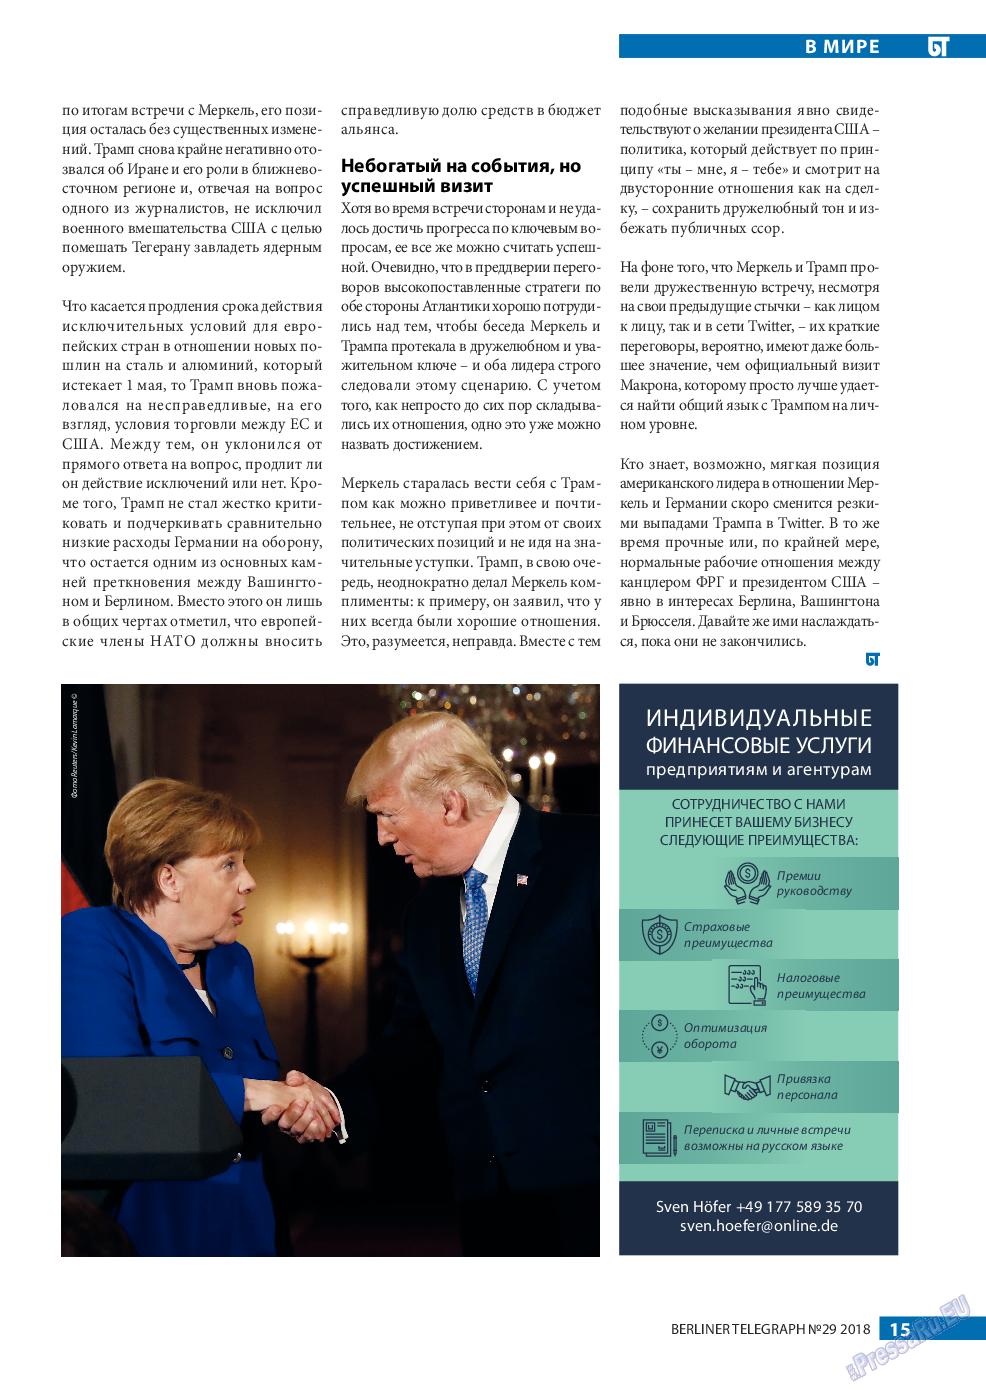 Берлинский телеграф (журнал). 2018 год, номер 29, стр. 15